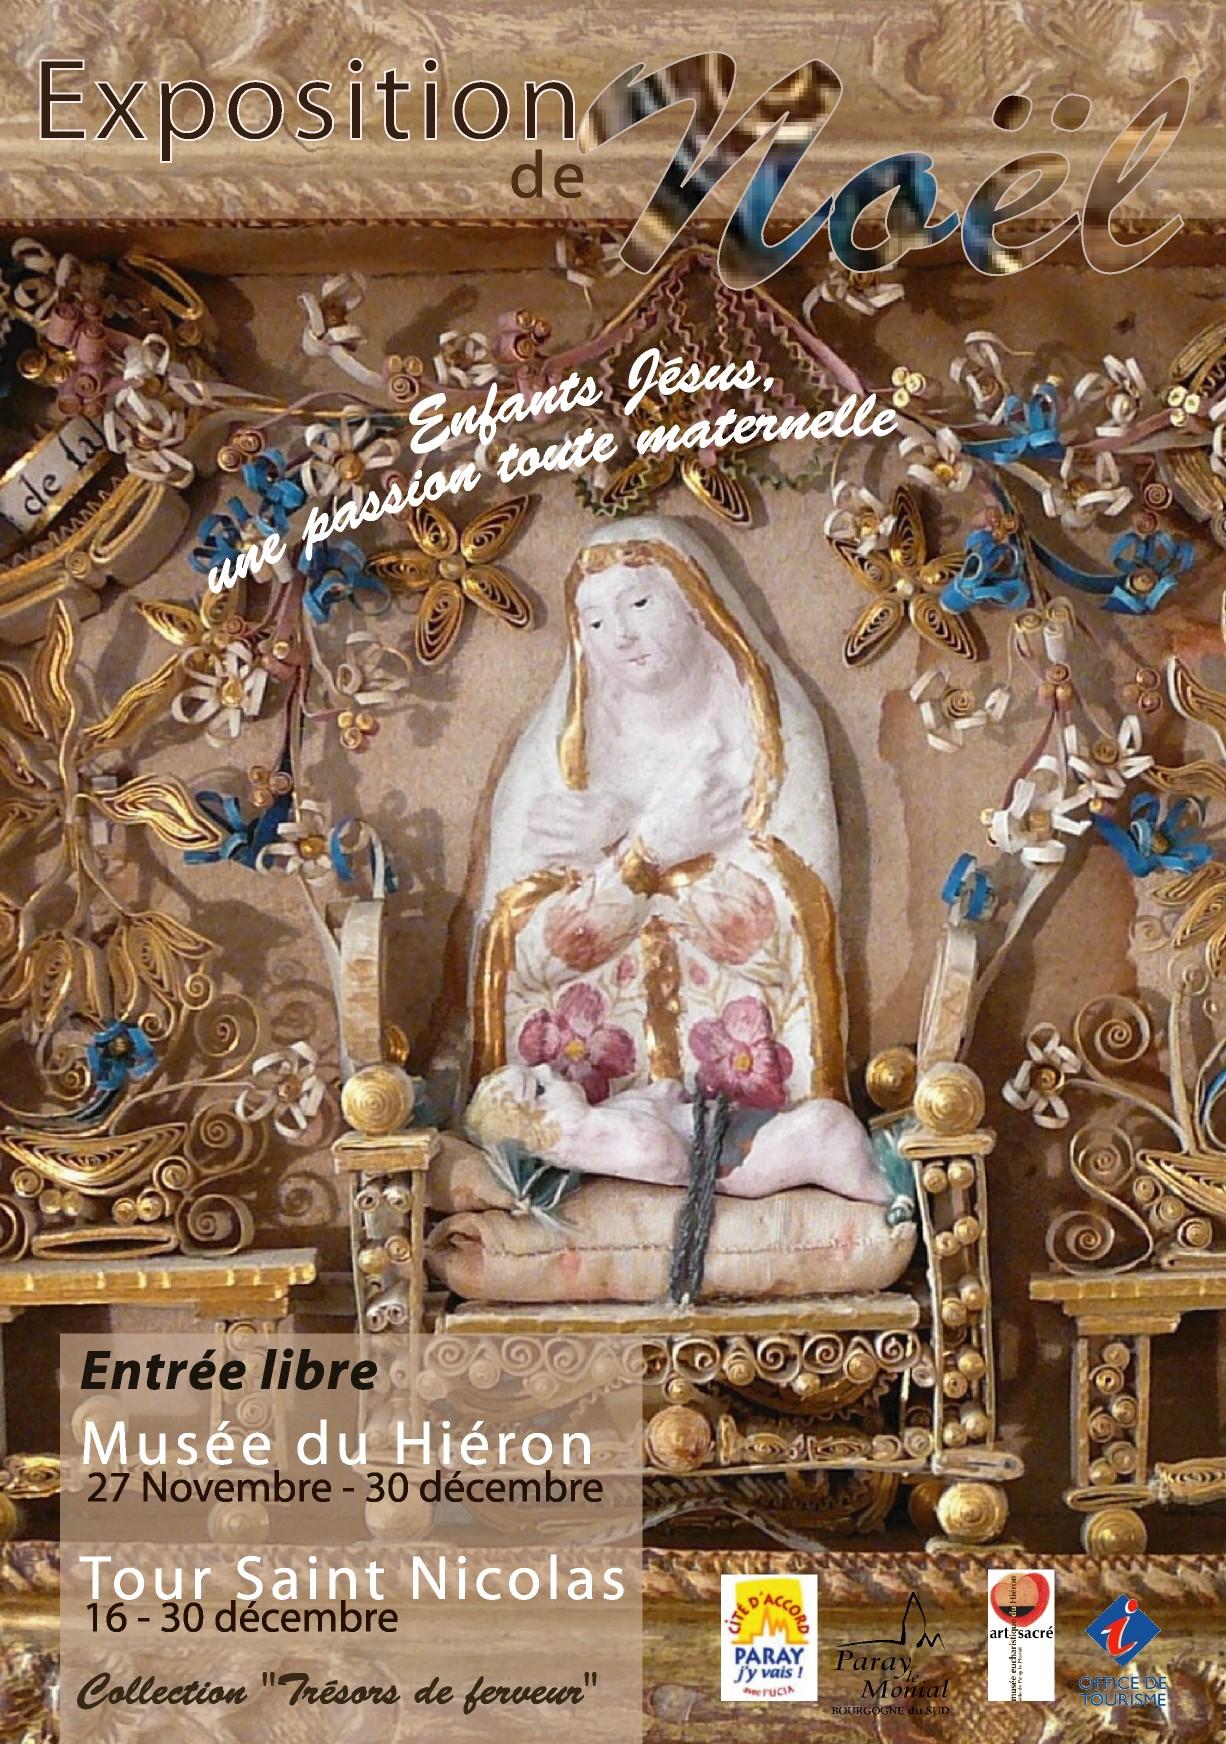 Exposition Noël 2012